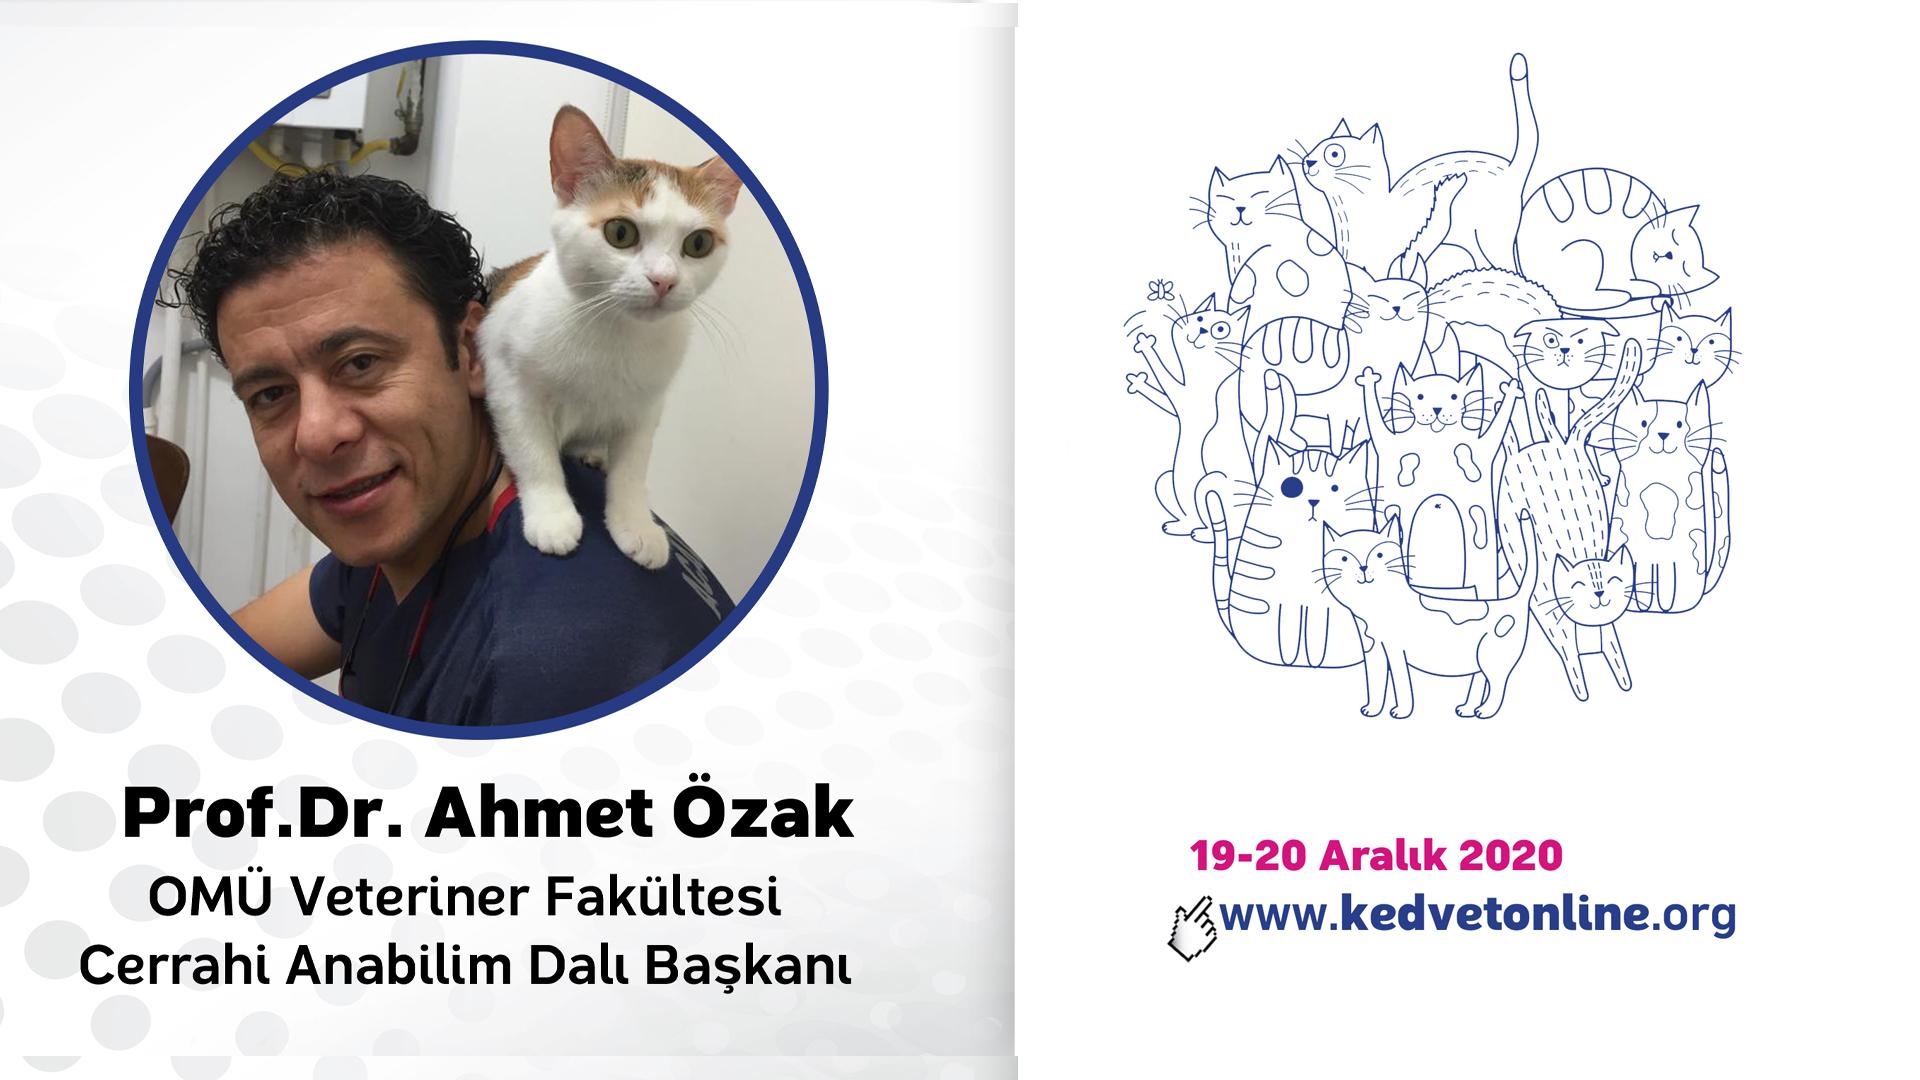 Uluslararası Online Kedi Hekimliği Kongresi